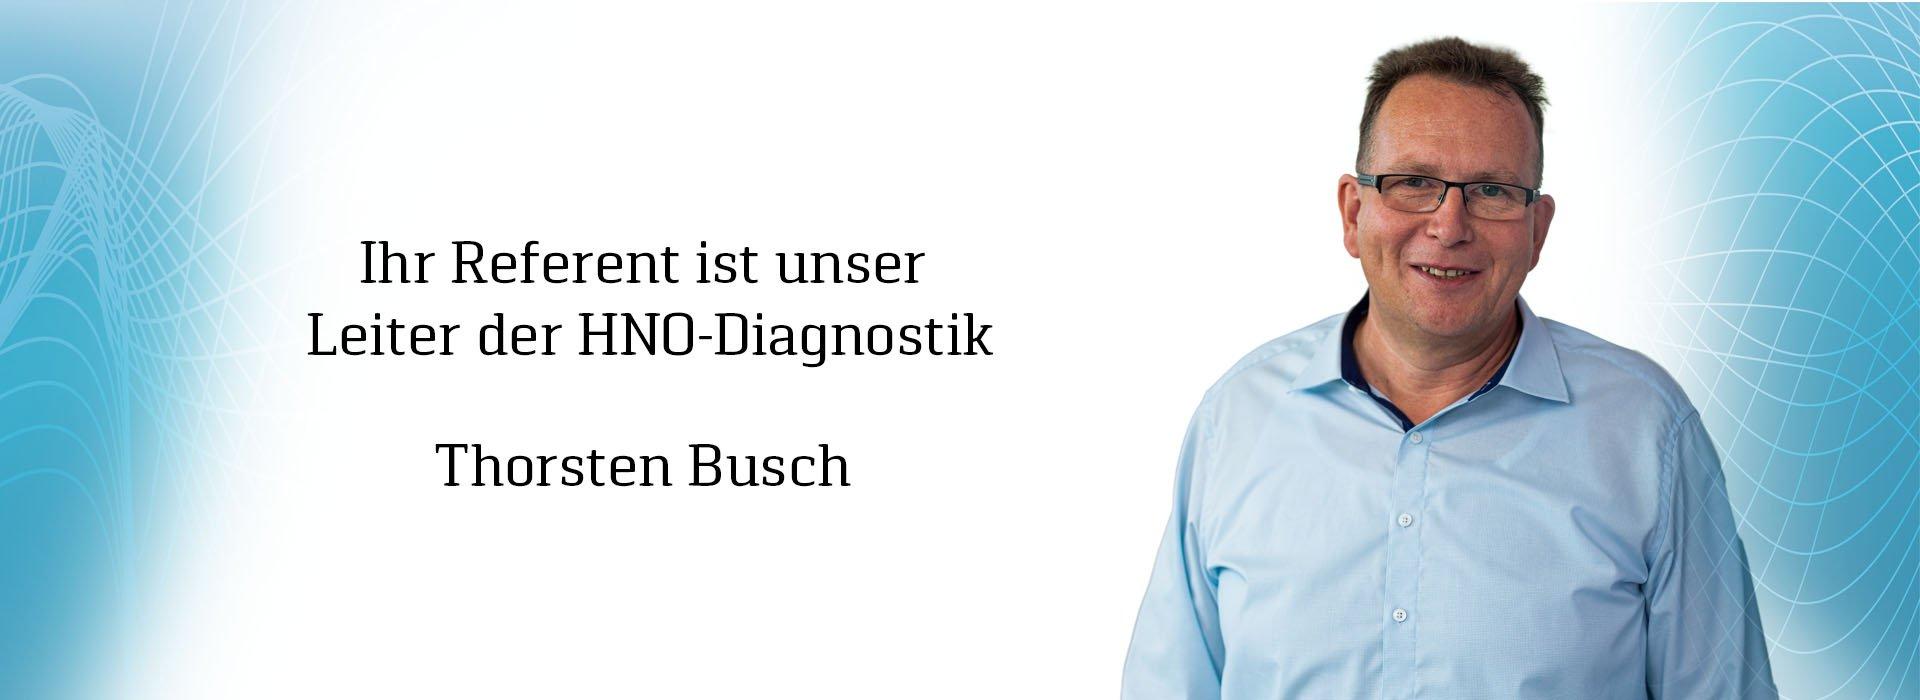 thorsten-busch-seminar-karte